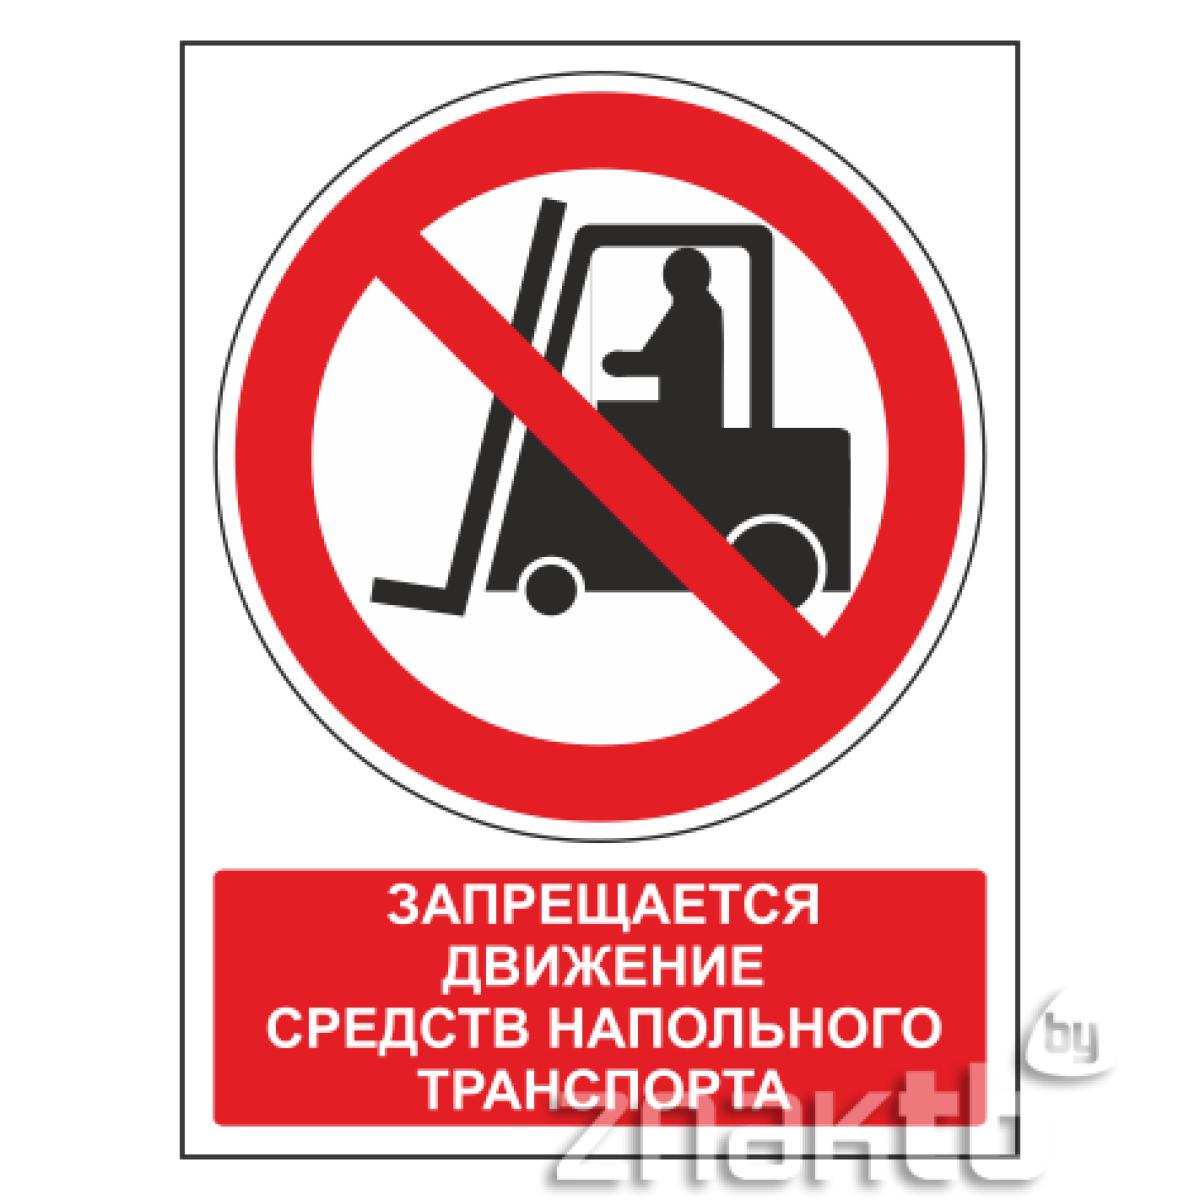 458 Знак Запрещается движение средств напольного транспорта (с поясняющей надписью)